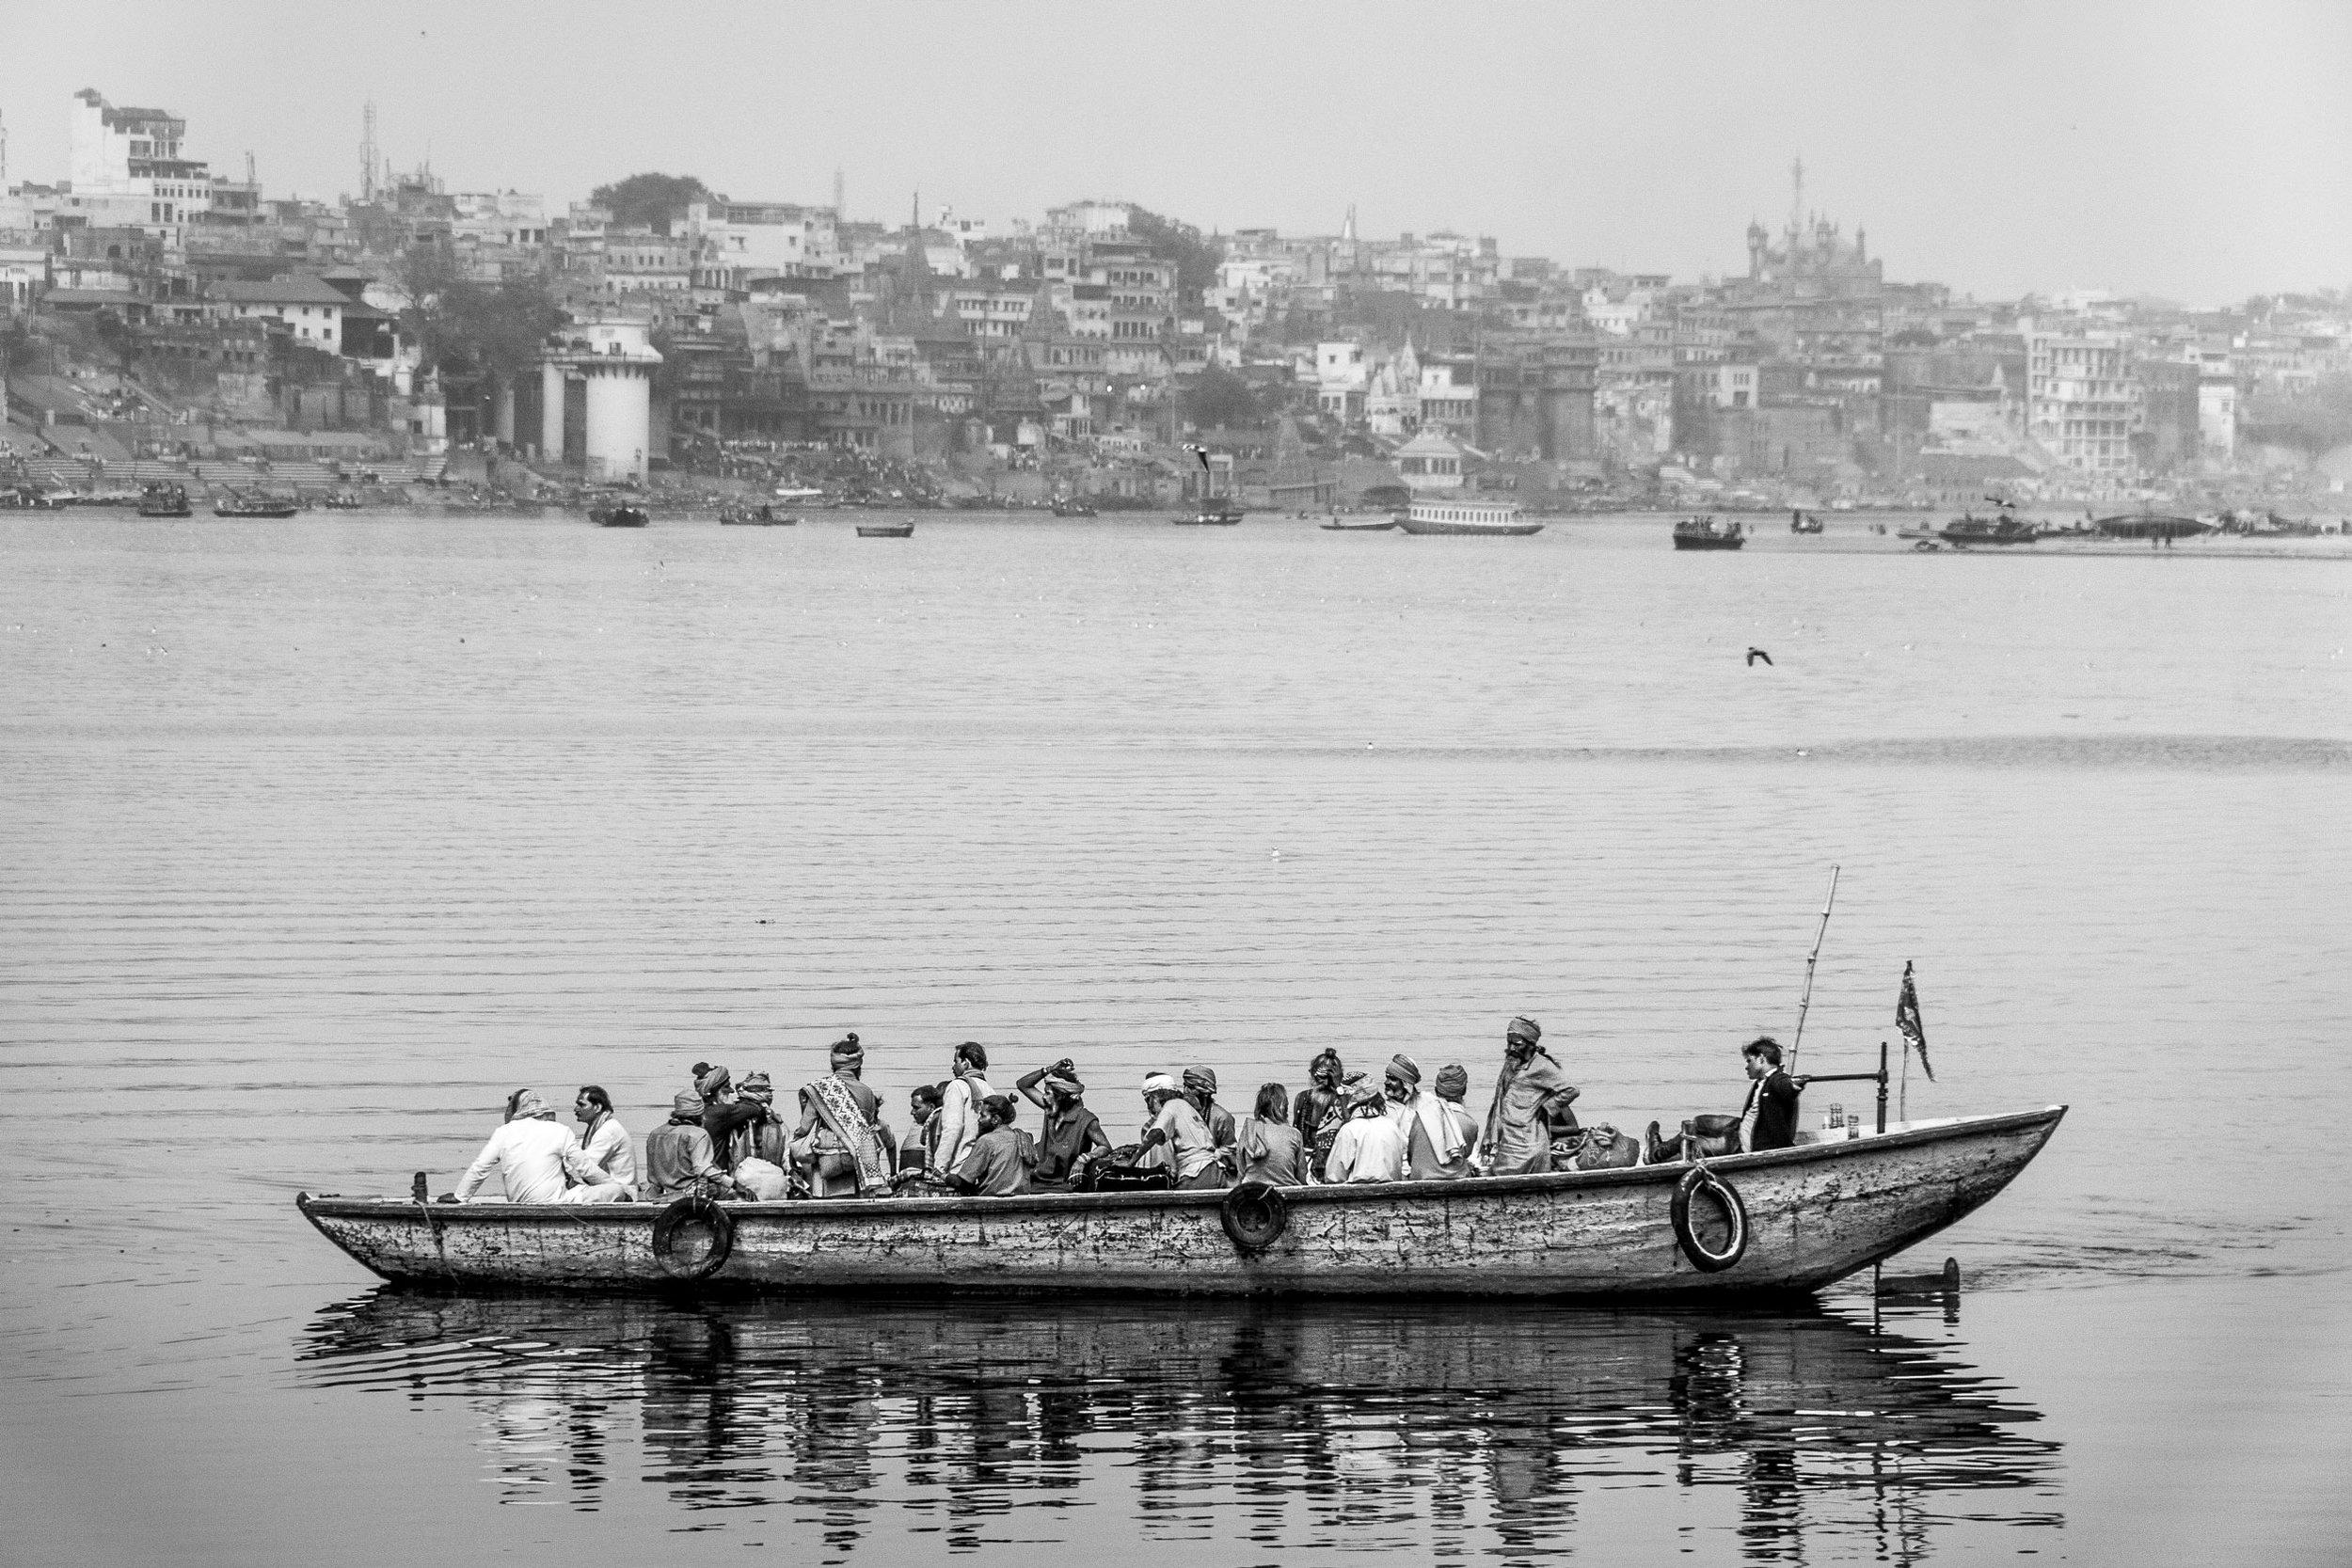 Almuerzo en el Ganges I